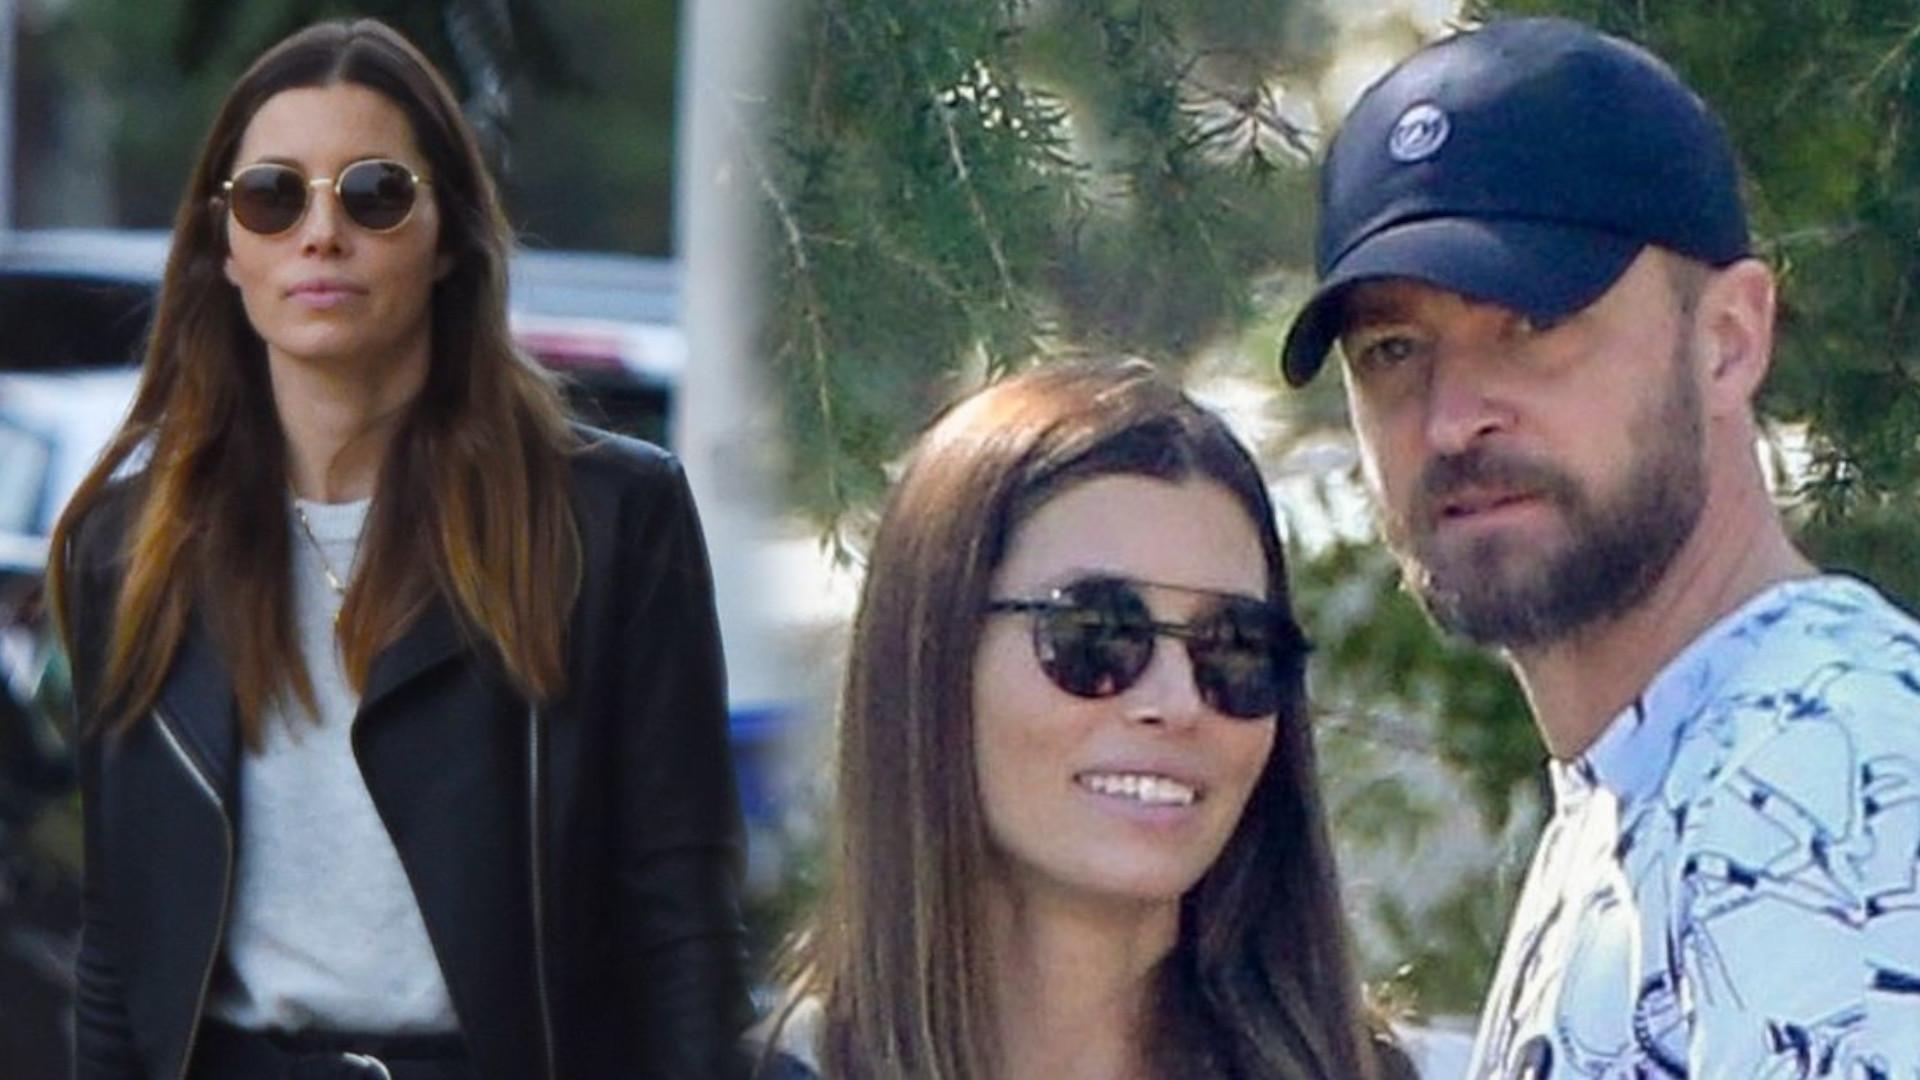 Justin Timberlake ma żonę, o której marzy każdy facet. Tak zareagowała Jessica Biel na plotki o zdradzie